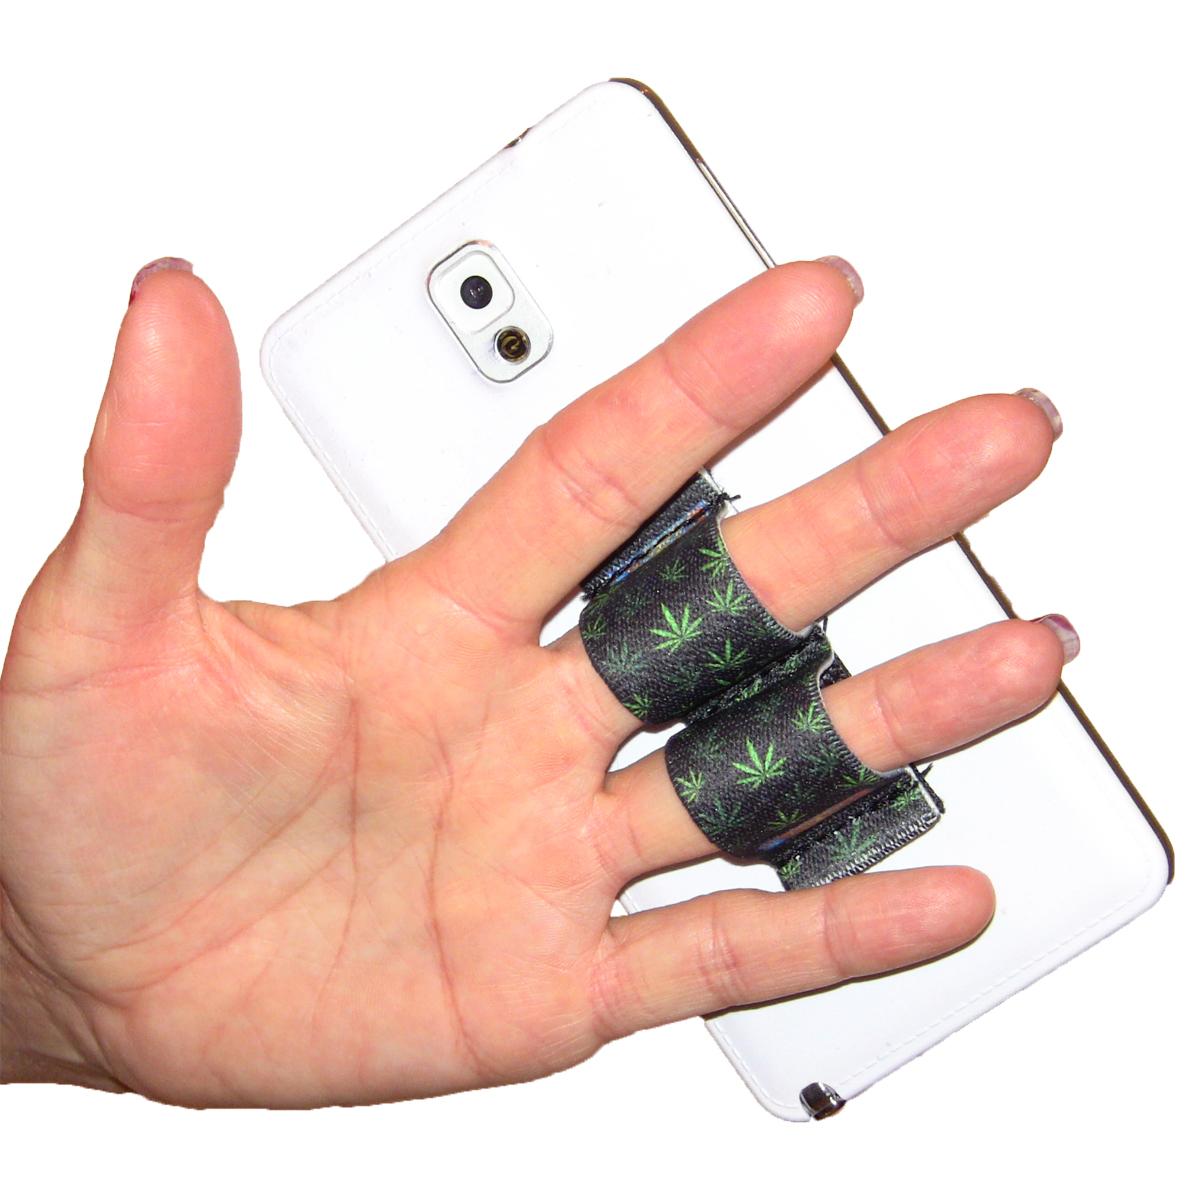 2-Loop Phone Grip - Pot Leaf 2